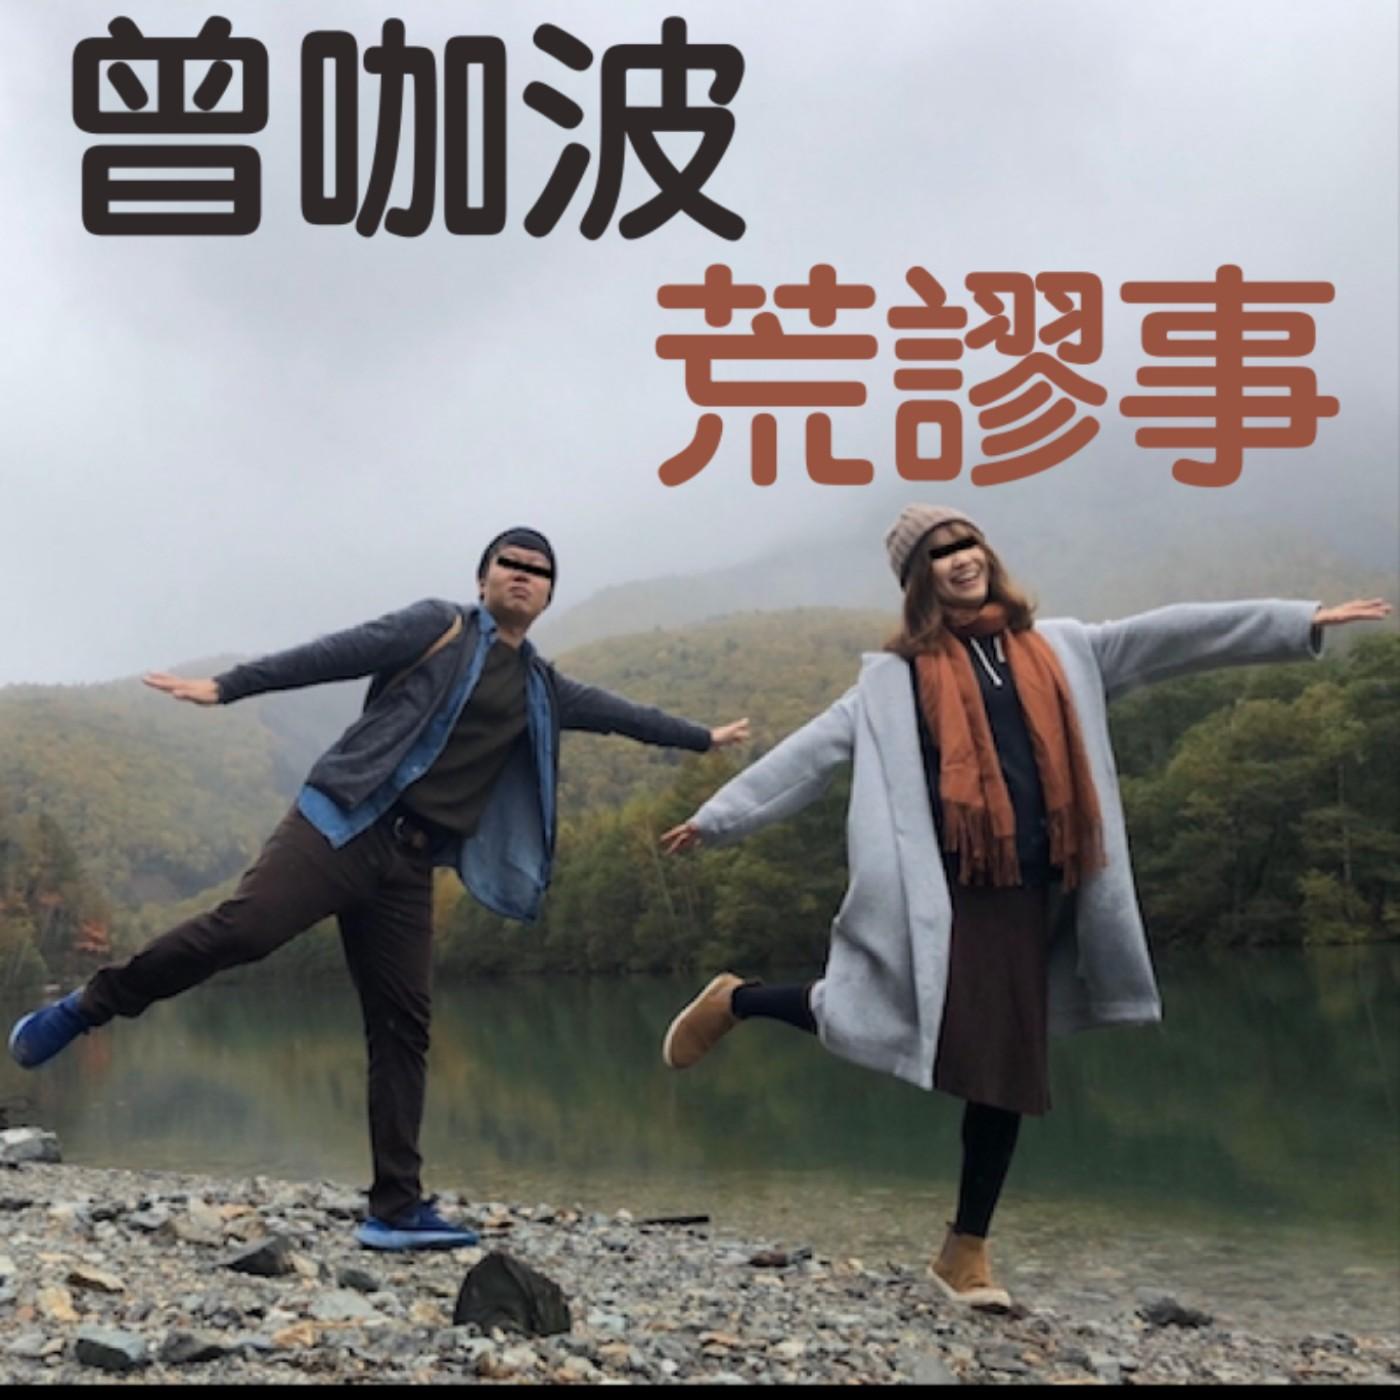 【欸你這個很荒謬 feat.傑哥】社群之王原來也是愛情之王 / 最屌婚禮企劃 / 愛情相處金句都在這   EP15